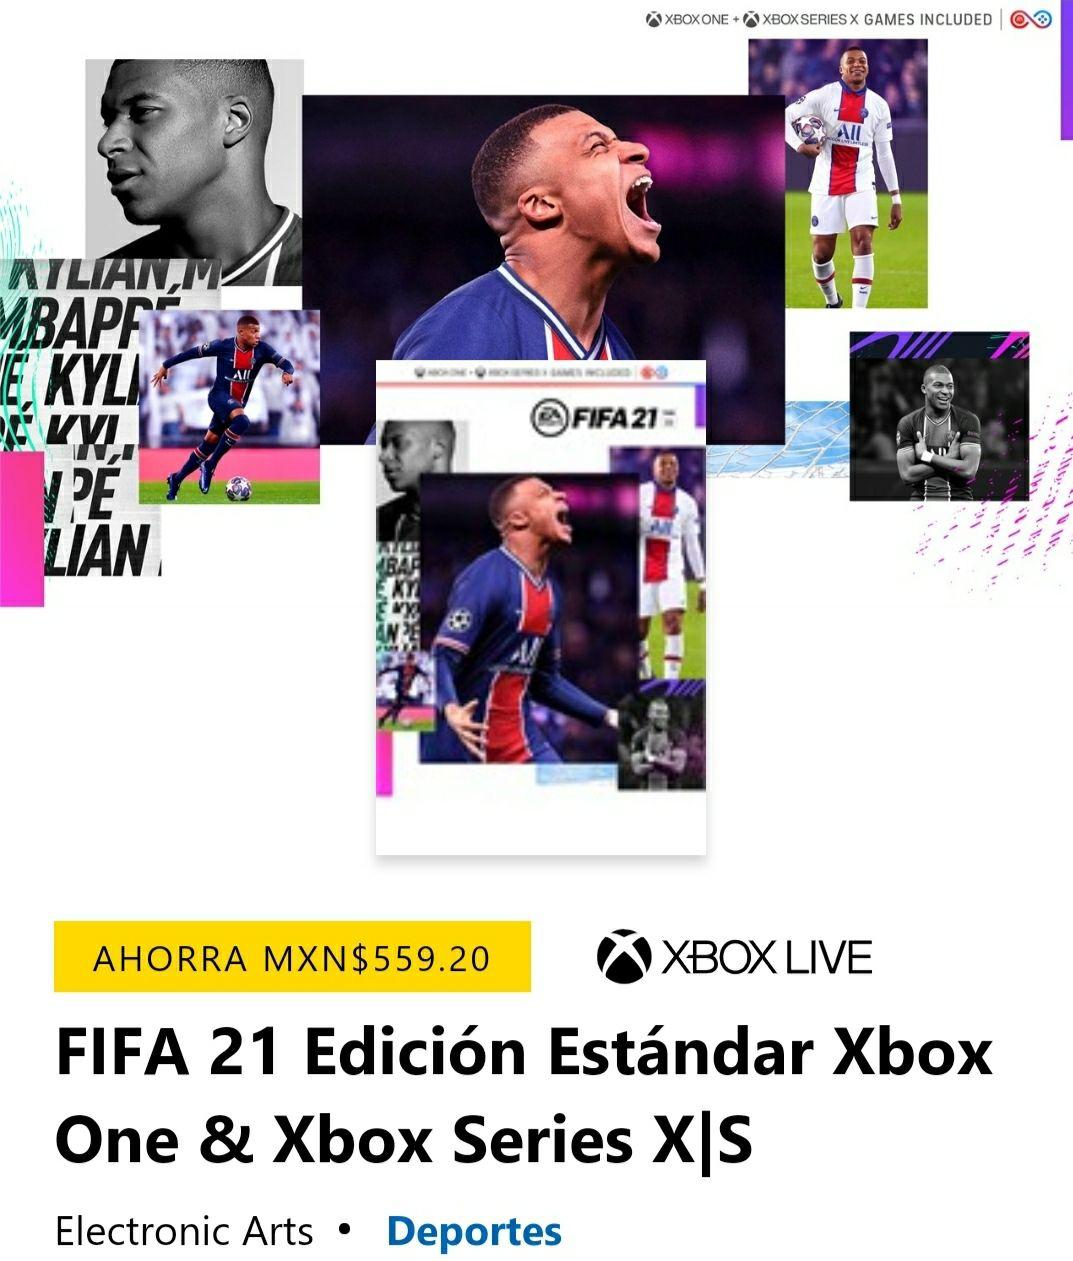 Microsoft: Fifa 21 (Descarga Digital) incluye Fut 21 500 FIFA Points (para quien tenga EA Play)